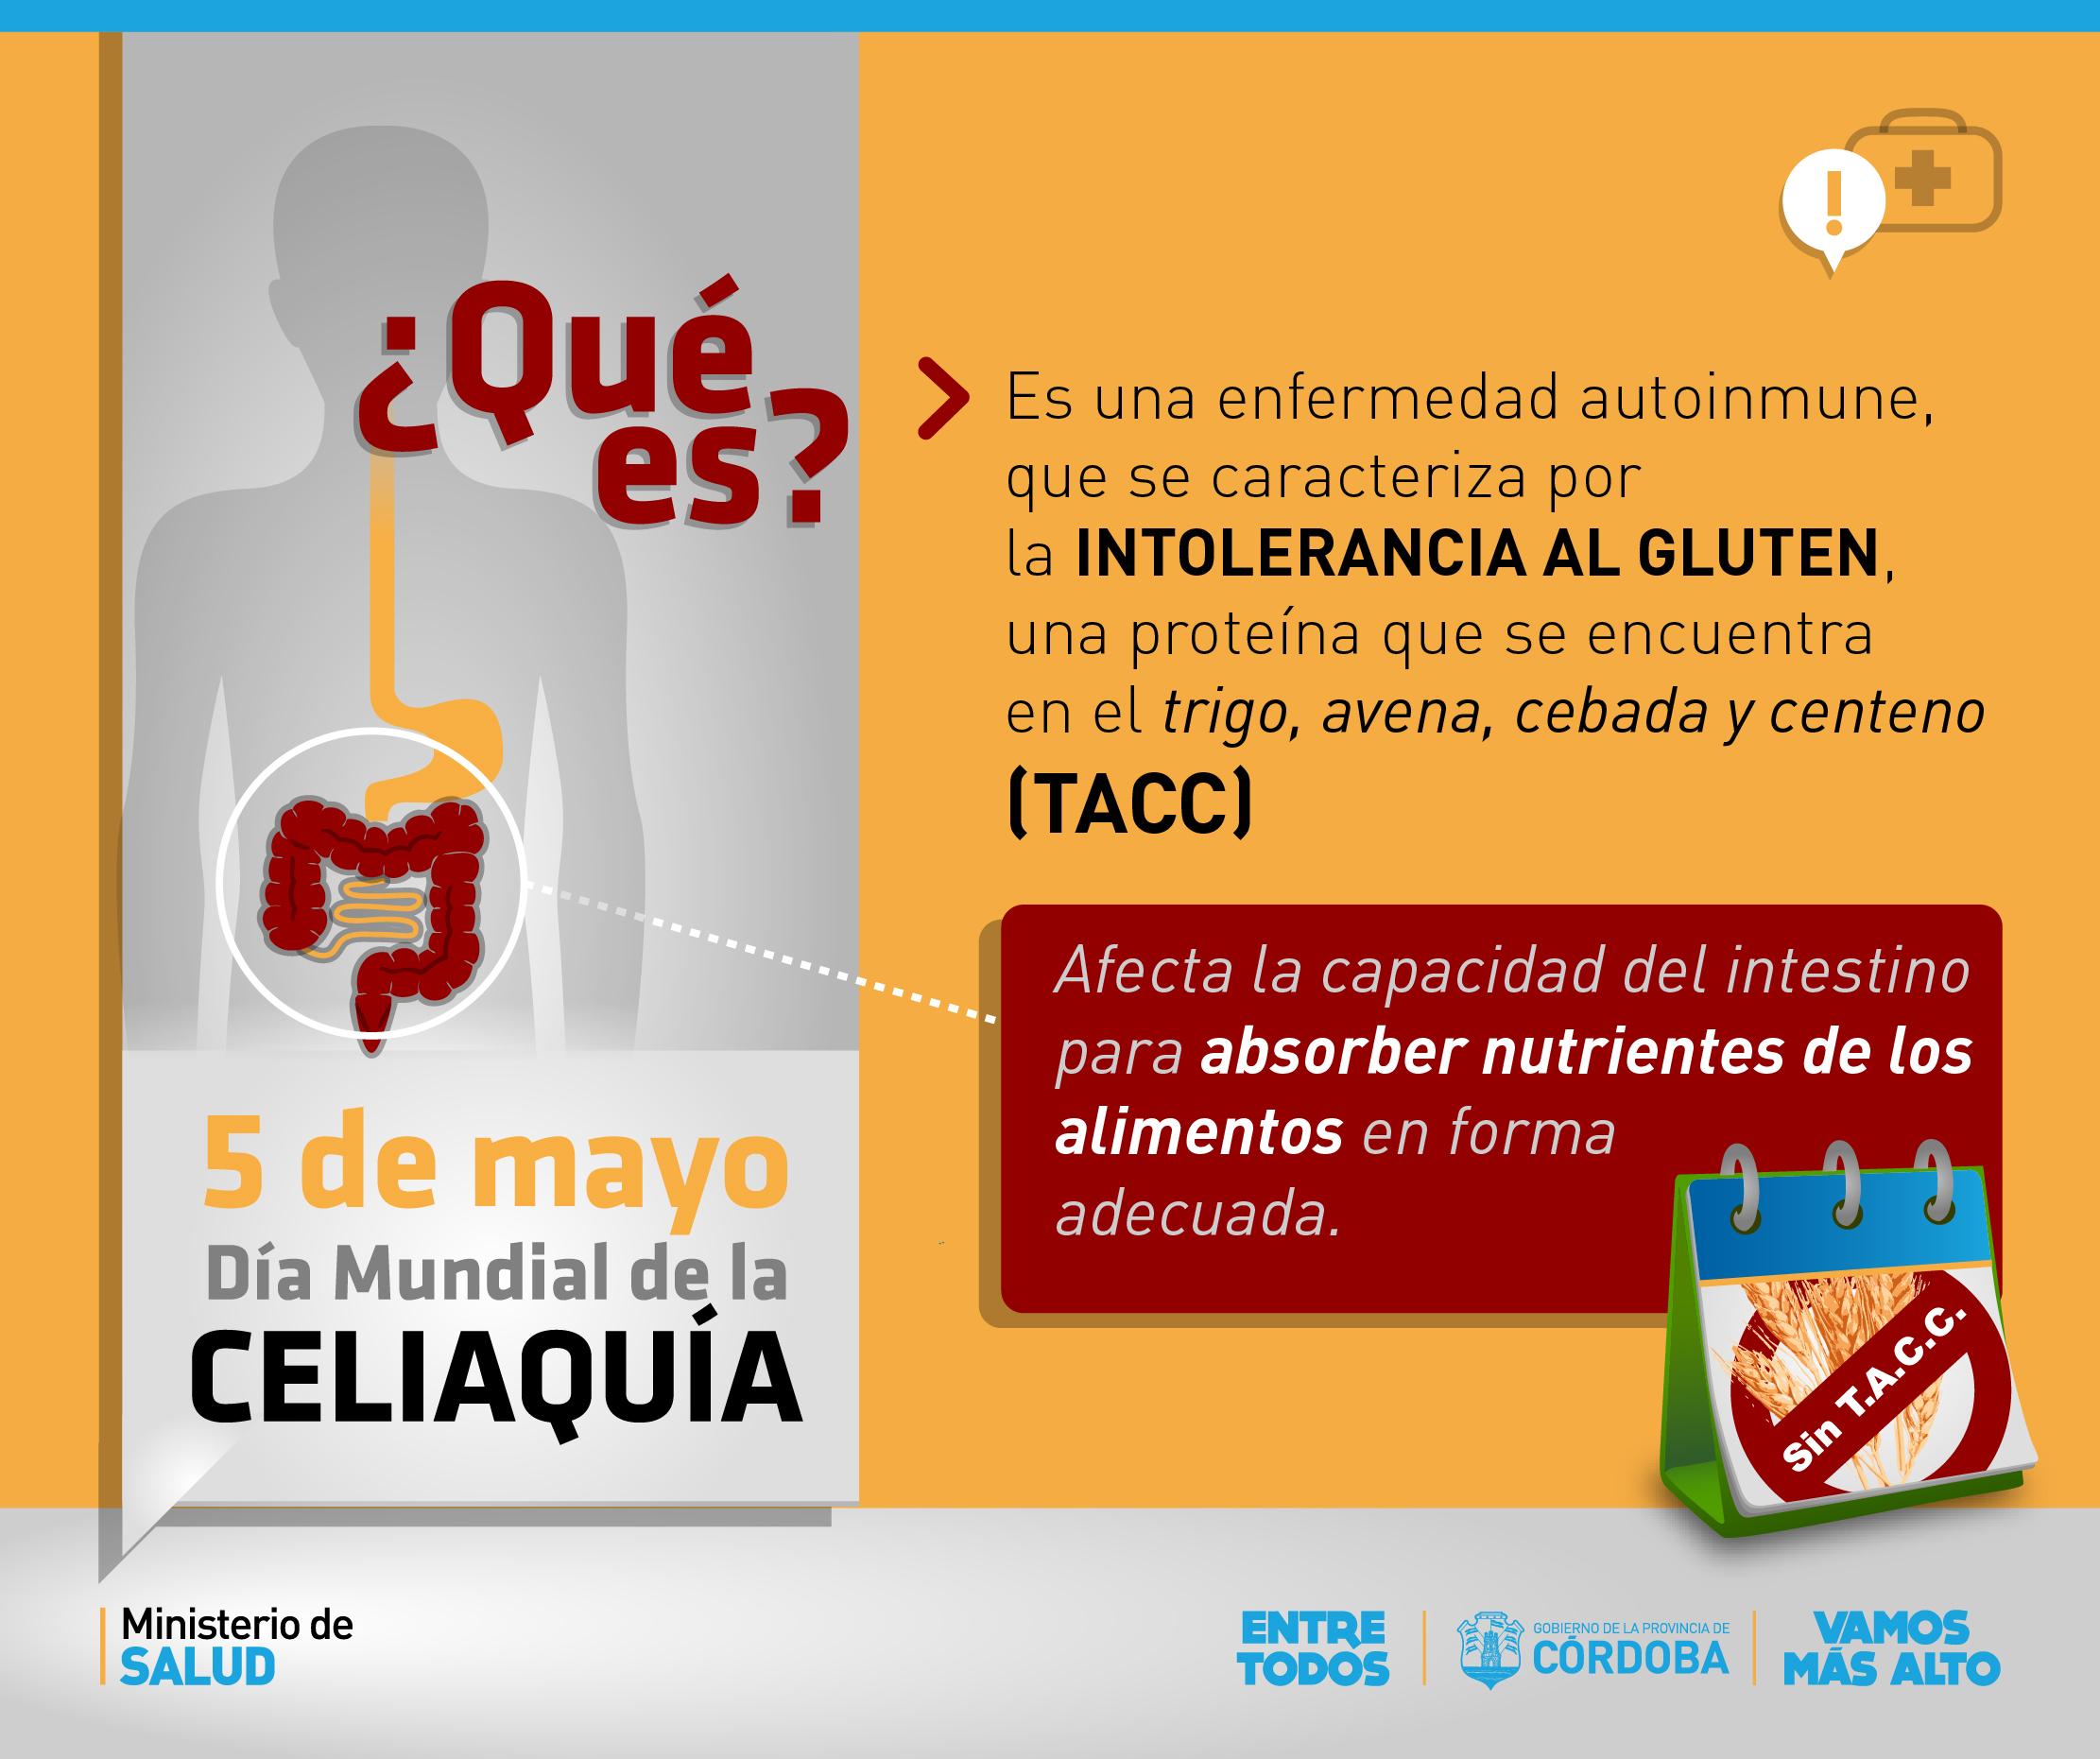 5 de mayo: Hablemos de celiaquía